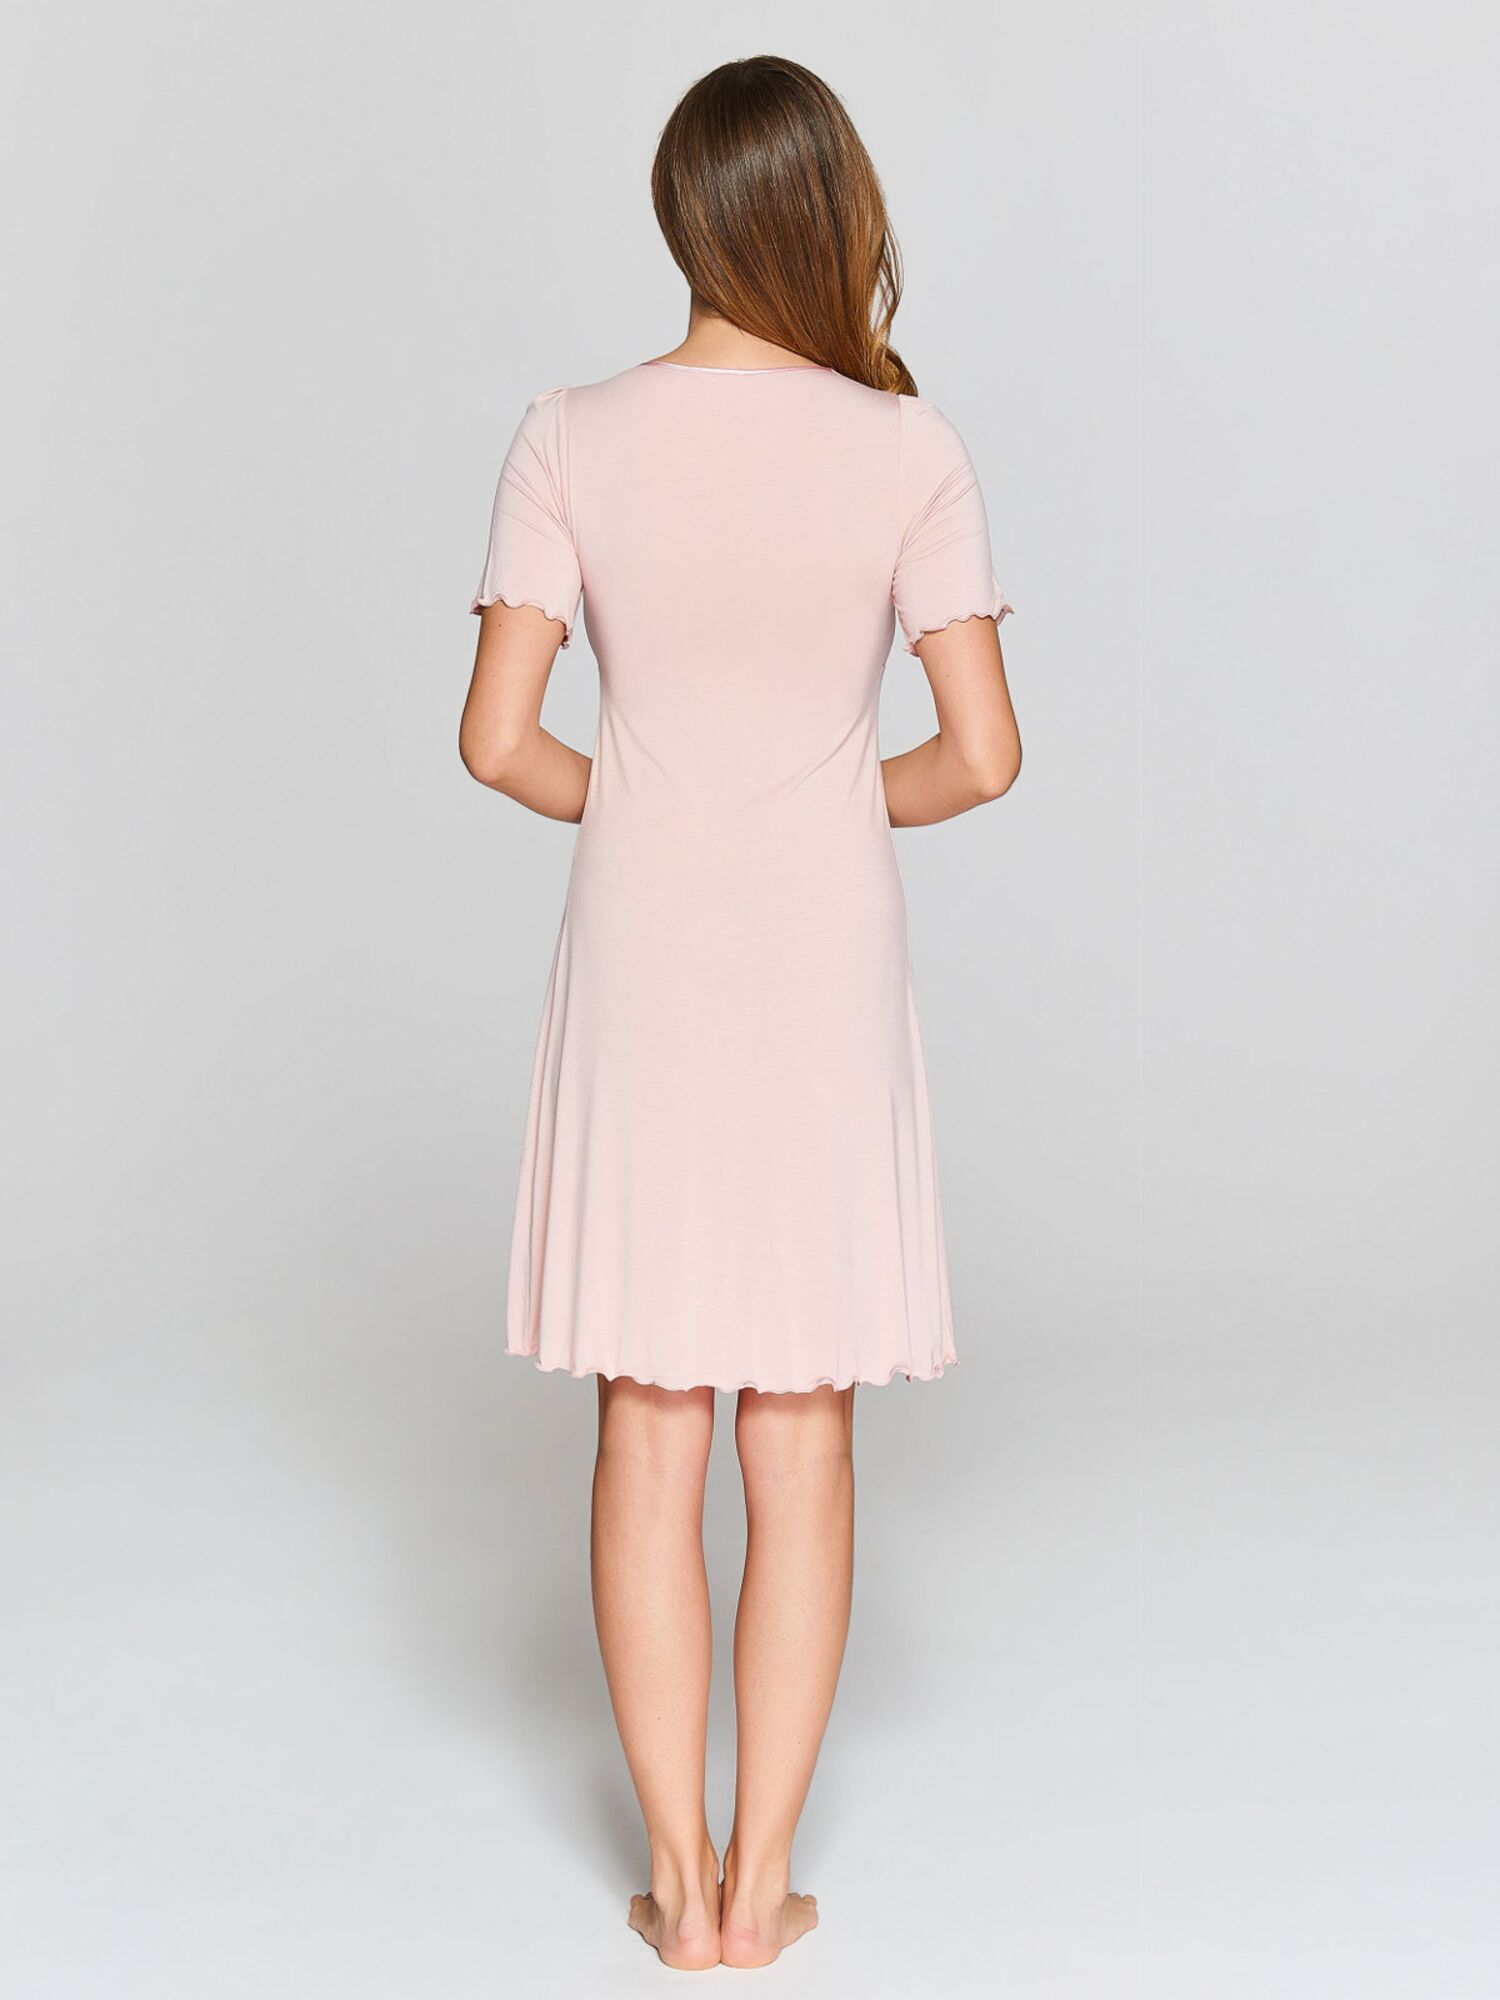 Сорочка женская IC 021 св.розовый